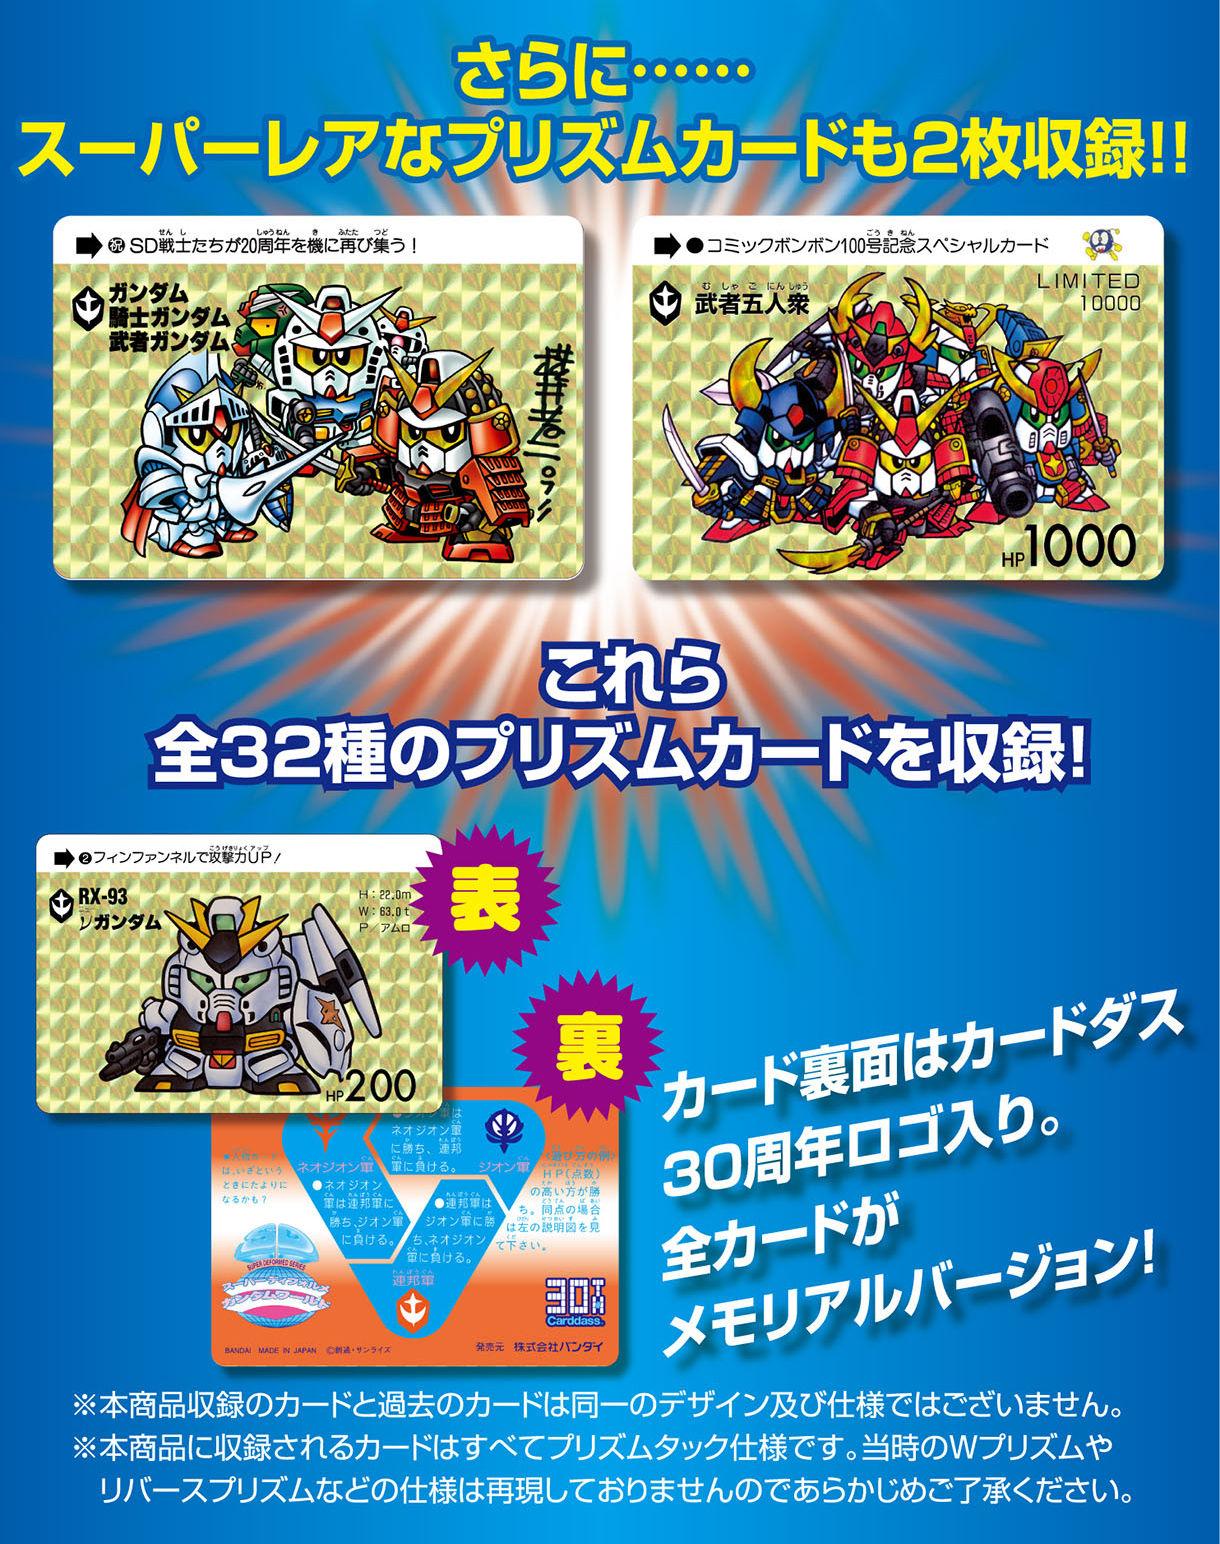 スーパーレアなプリズムカードも2枚収録!!